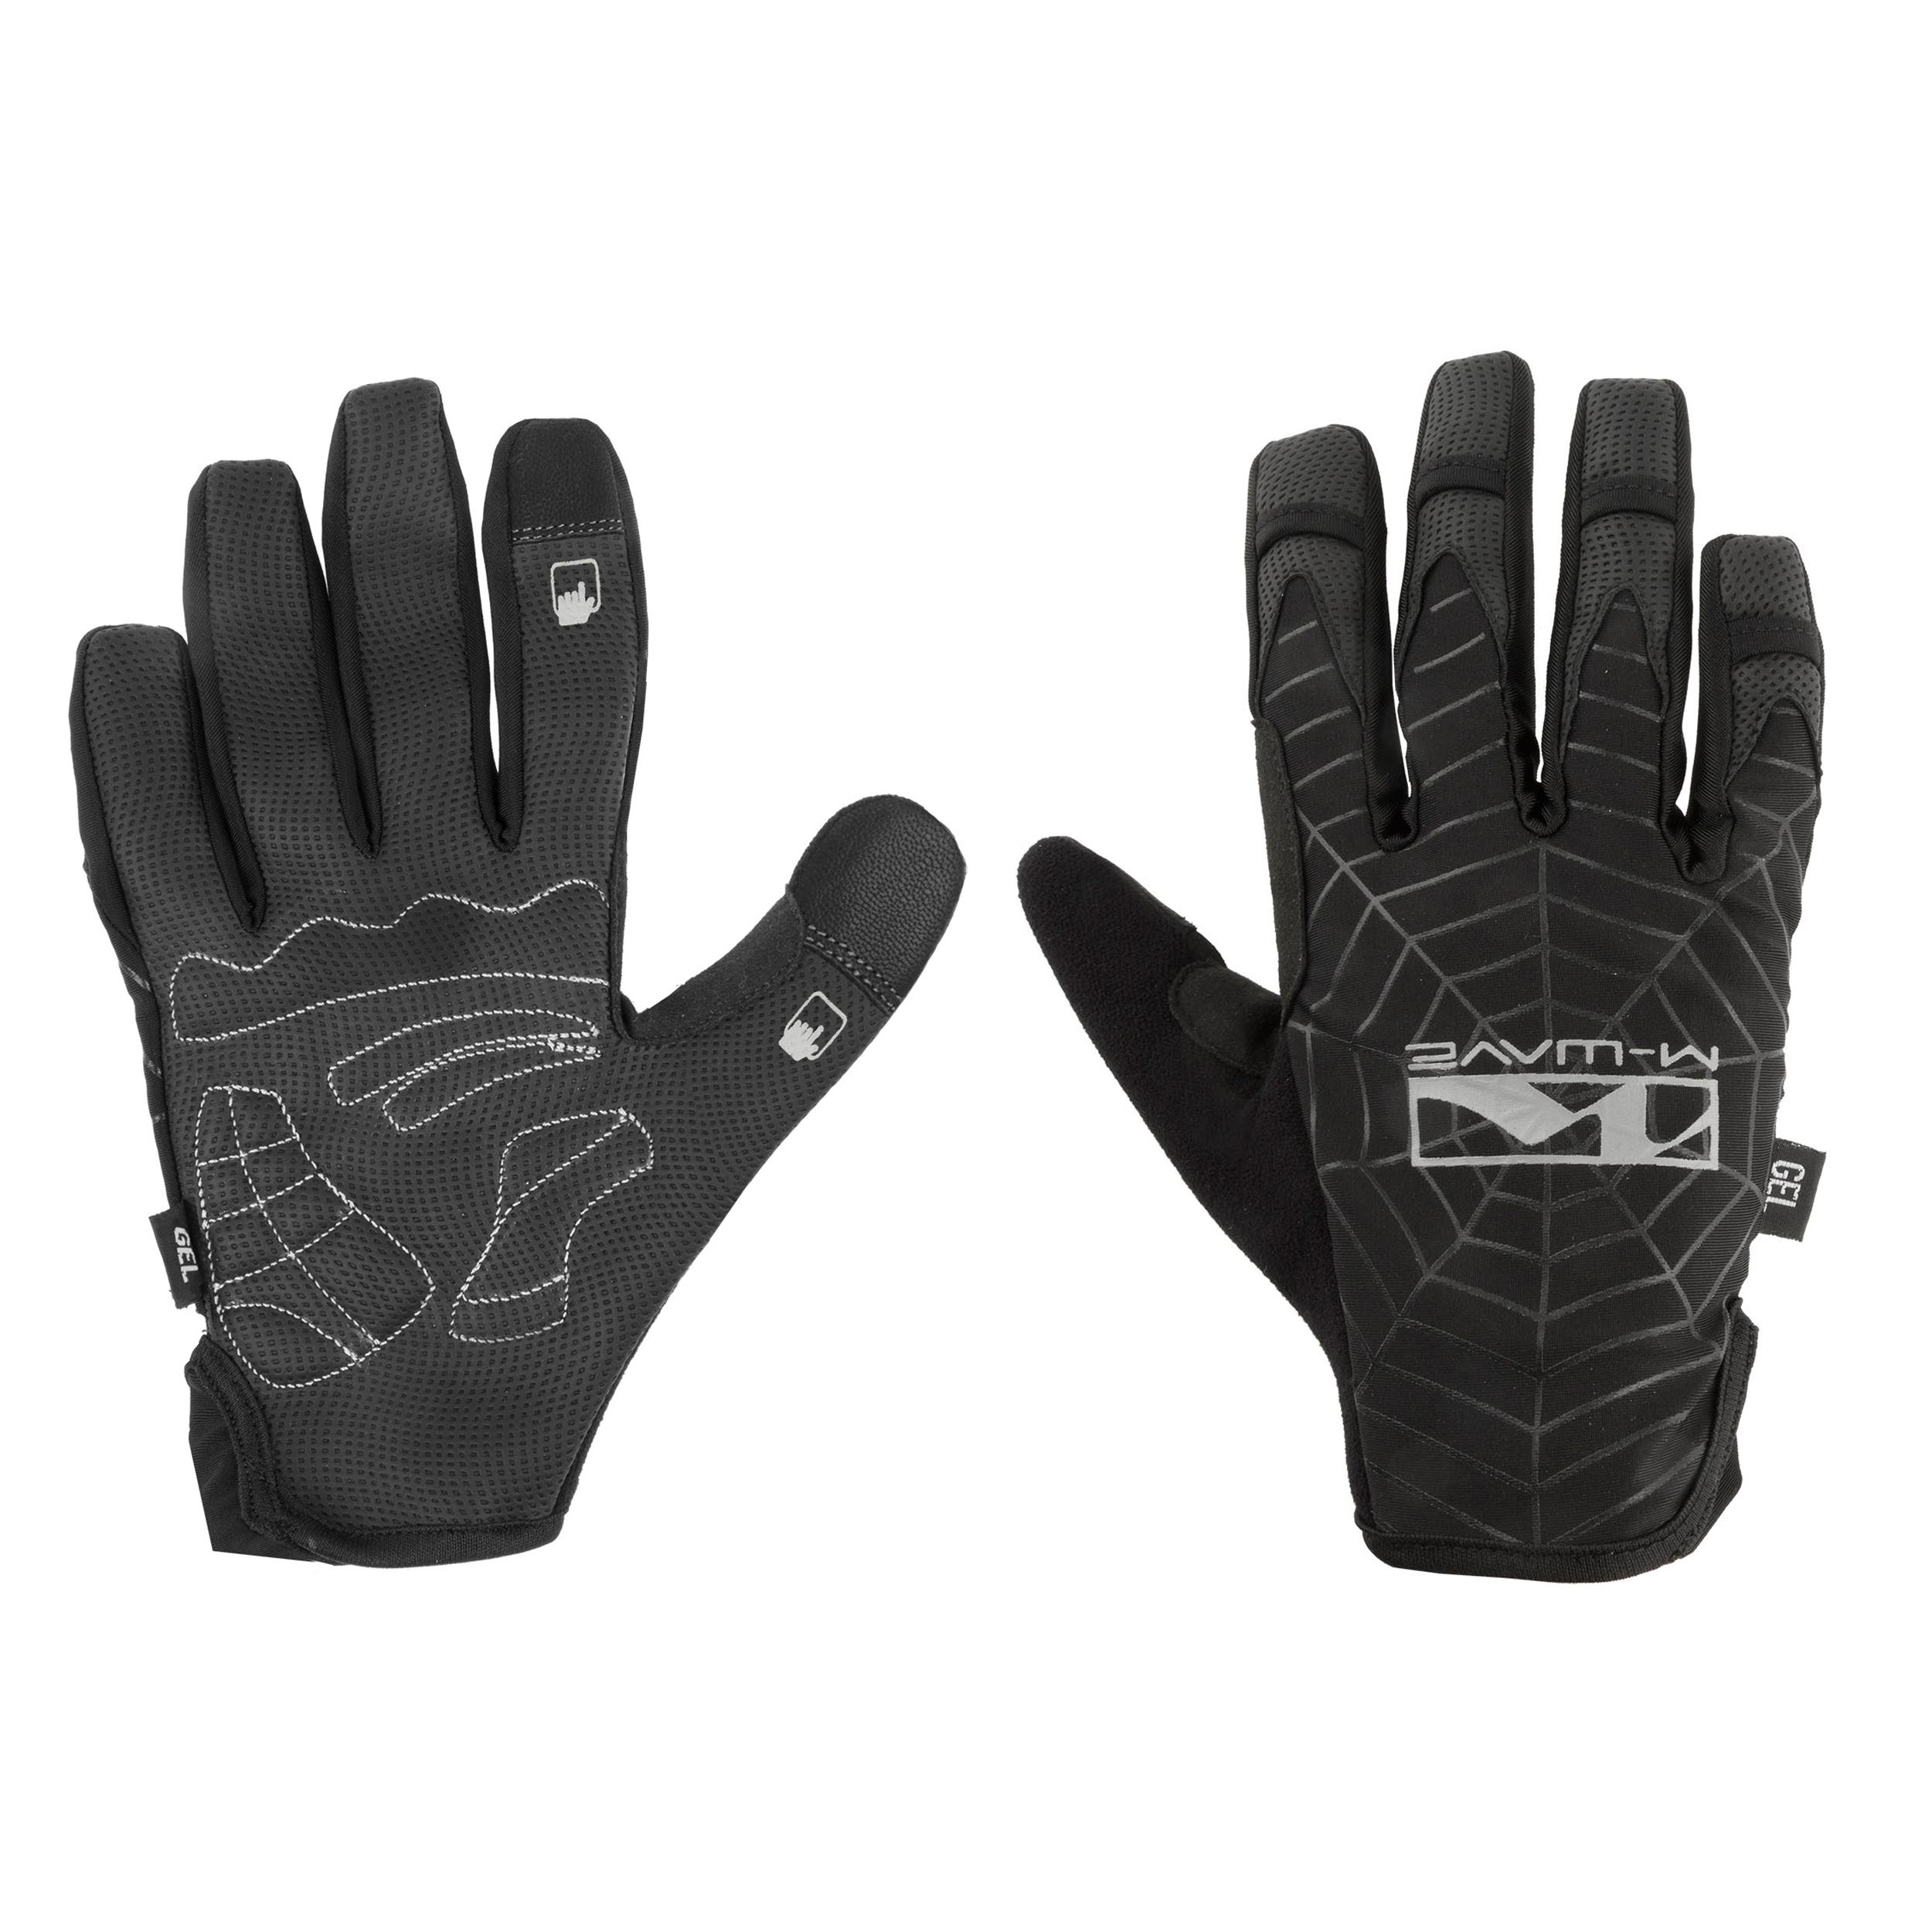 Ventura Spider Web Full Finger Glove L PartNumber: 00650649000P KsnValue: 00650649000 MfgPartNumber: 719866